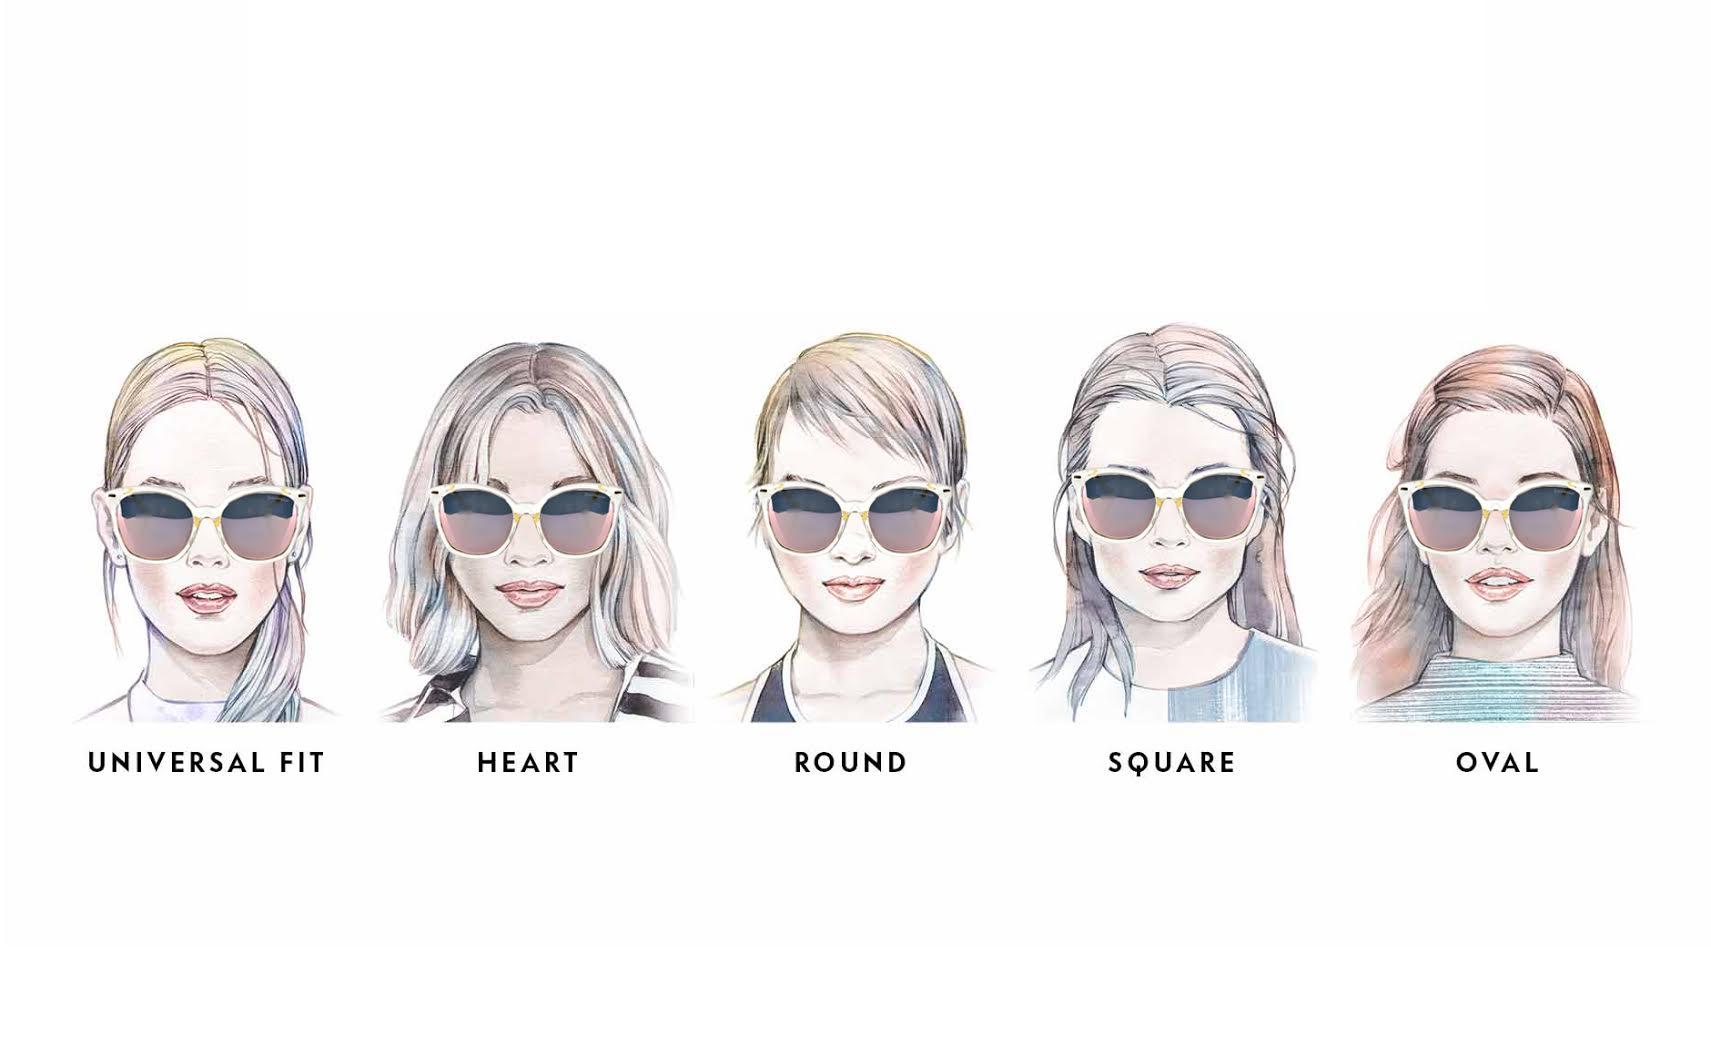 TANGS 在各種臉型 ( 百搭臉, 心型臉, 圓臉, 方形臉, 鵝蛋臉 )